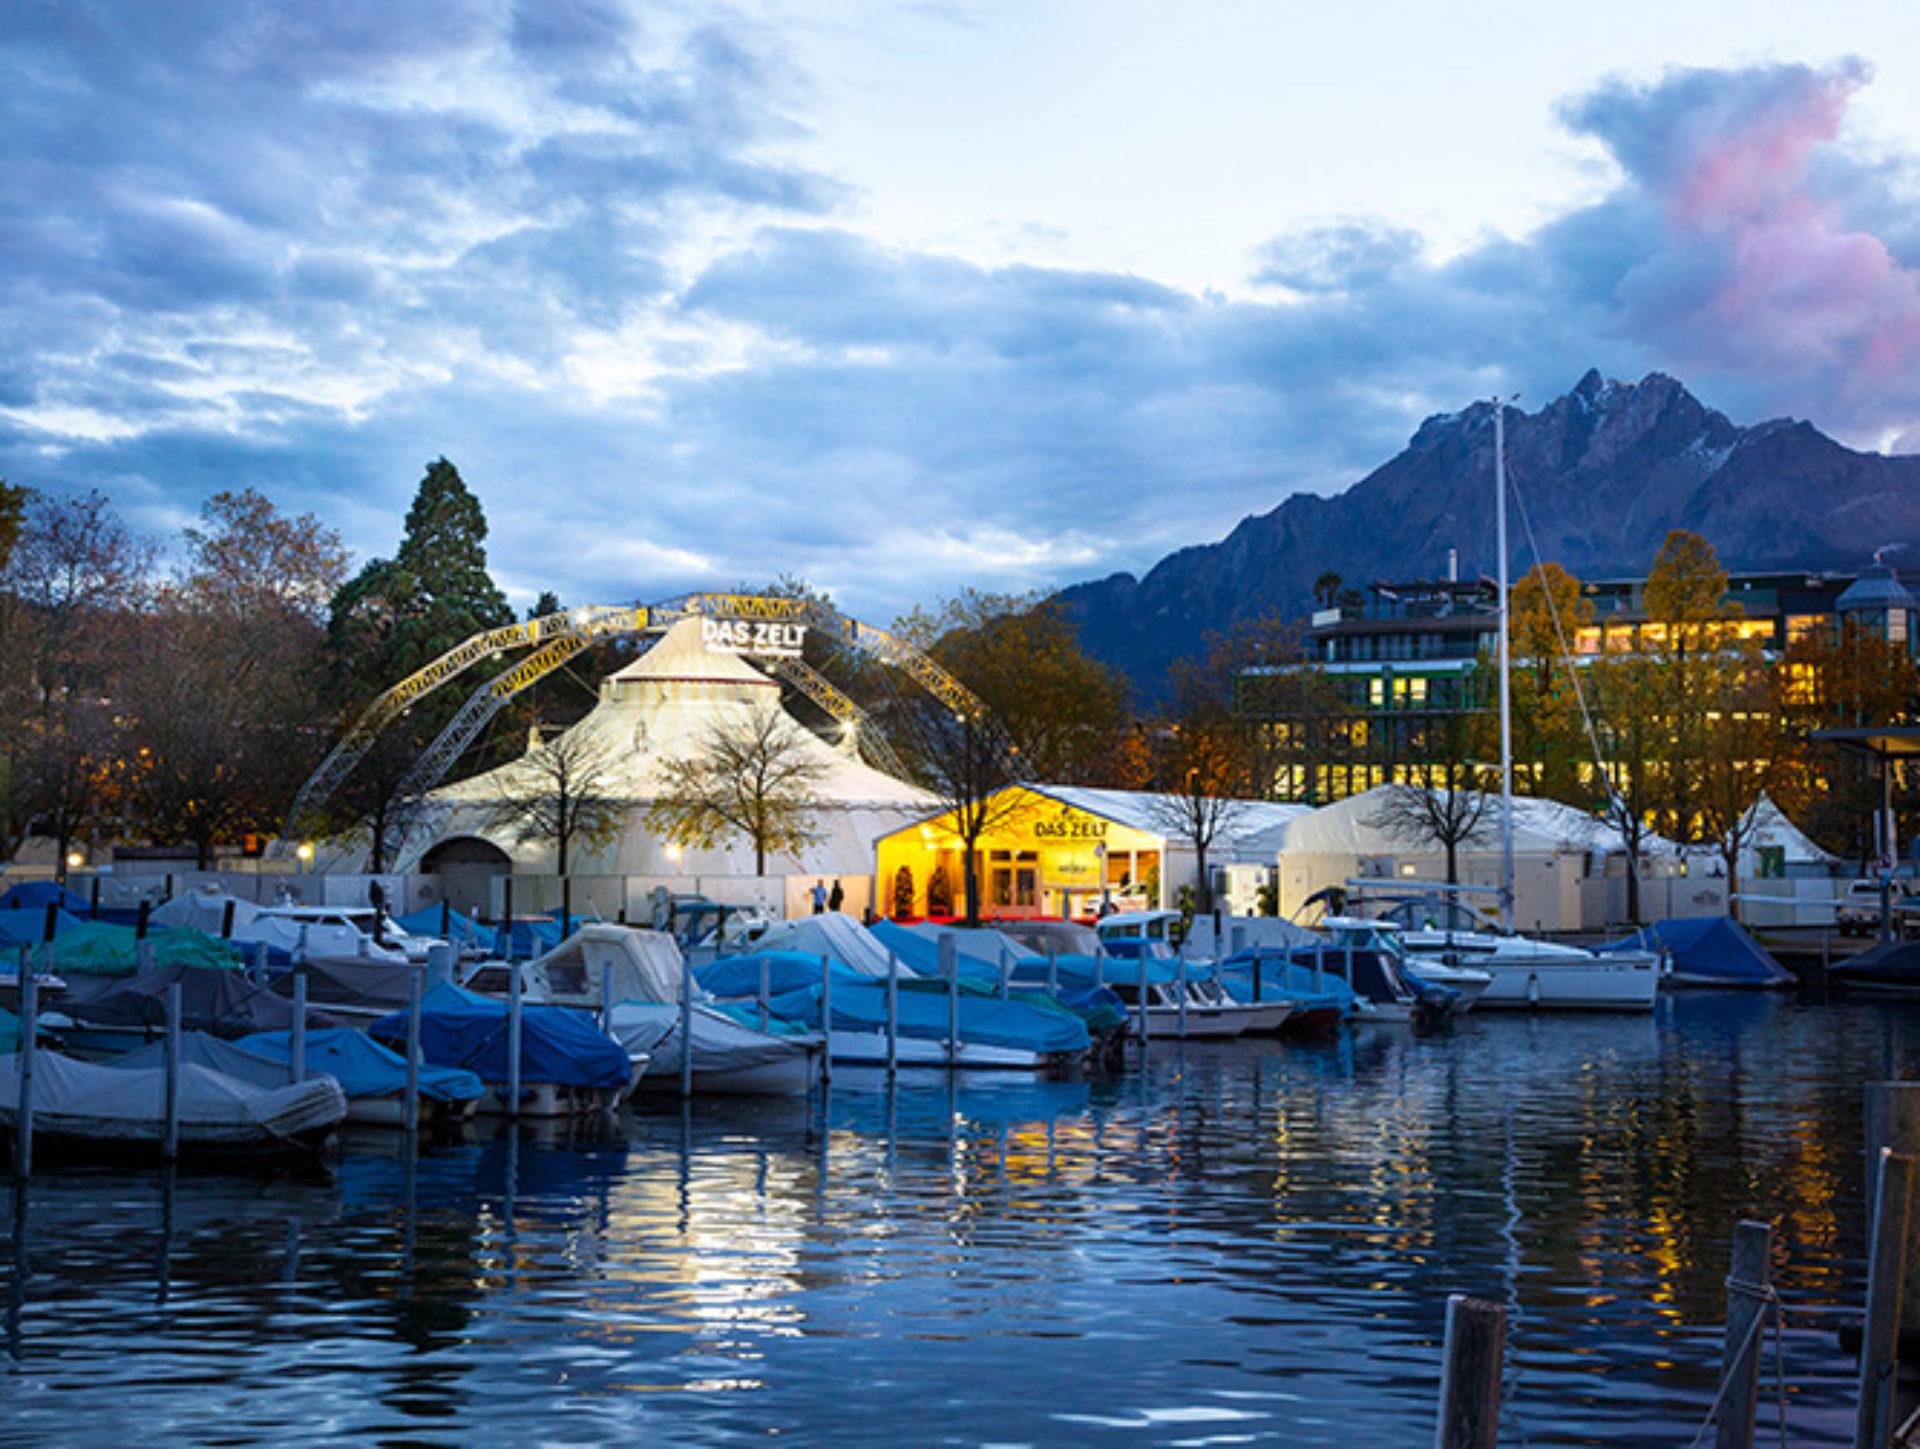 DAS ZELT gastiert vom 2. November bis 1. Dezember wieder in Luzern